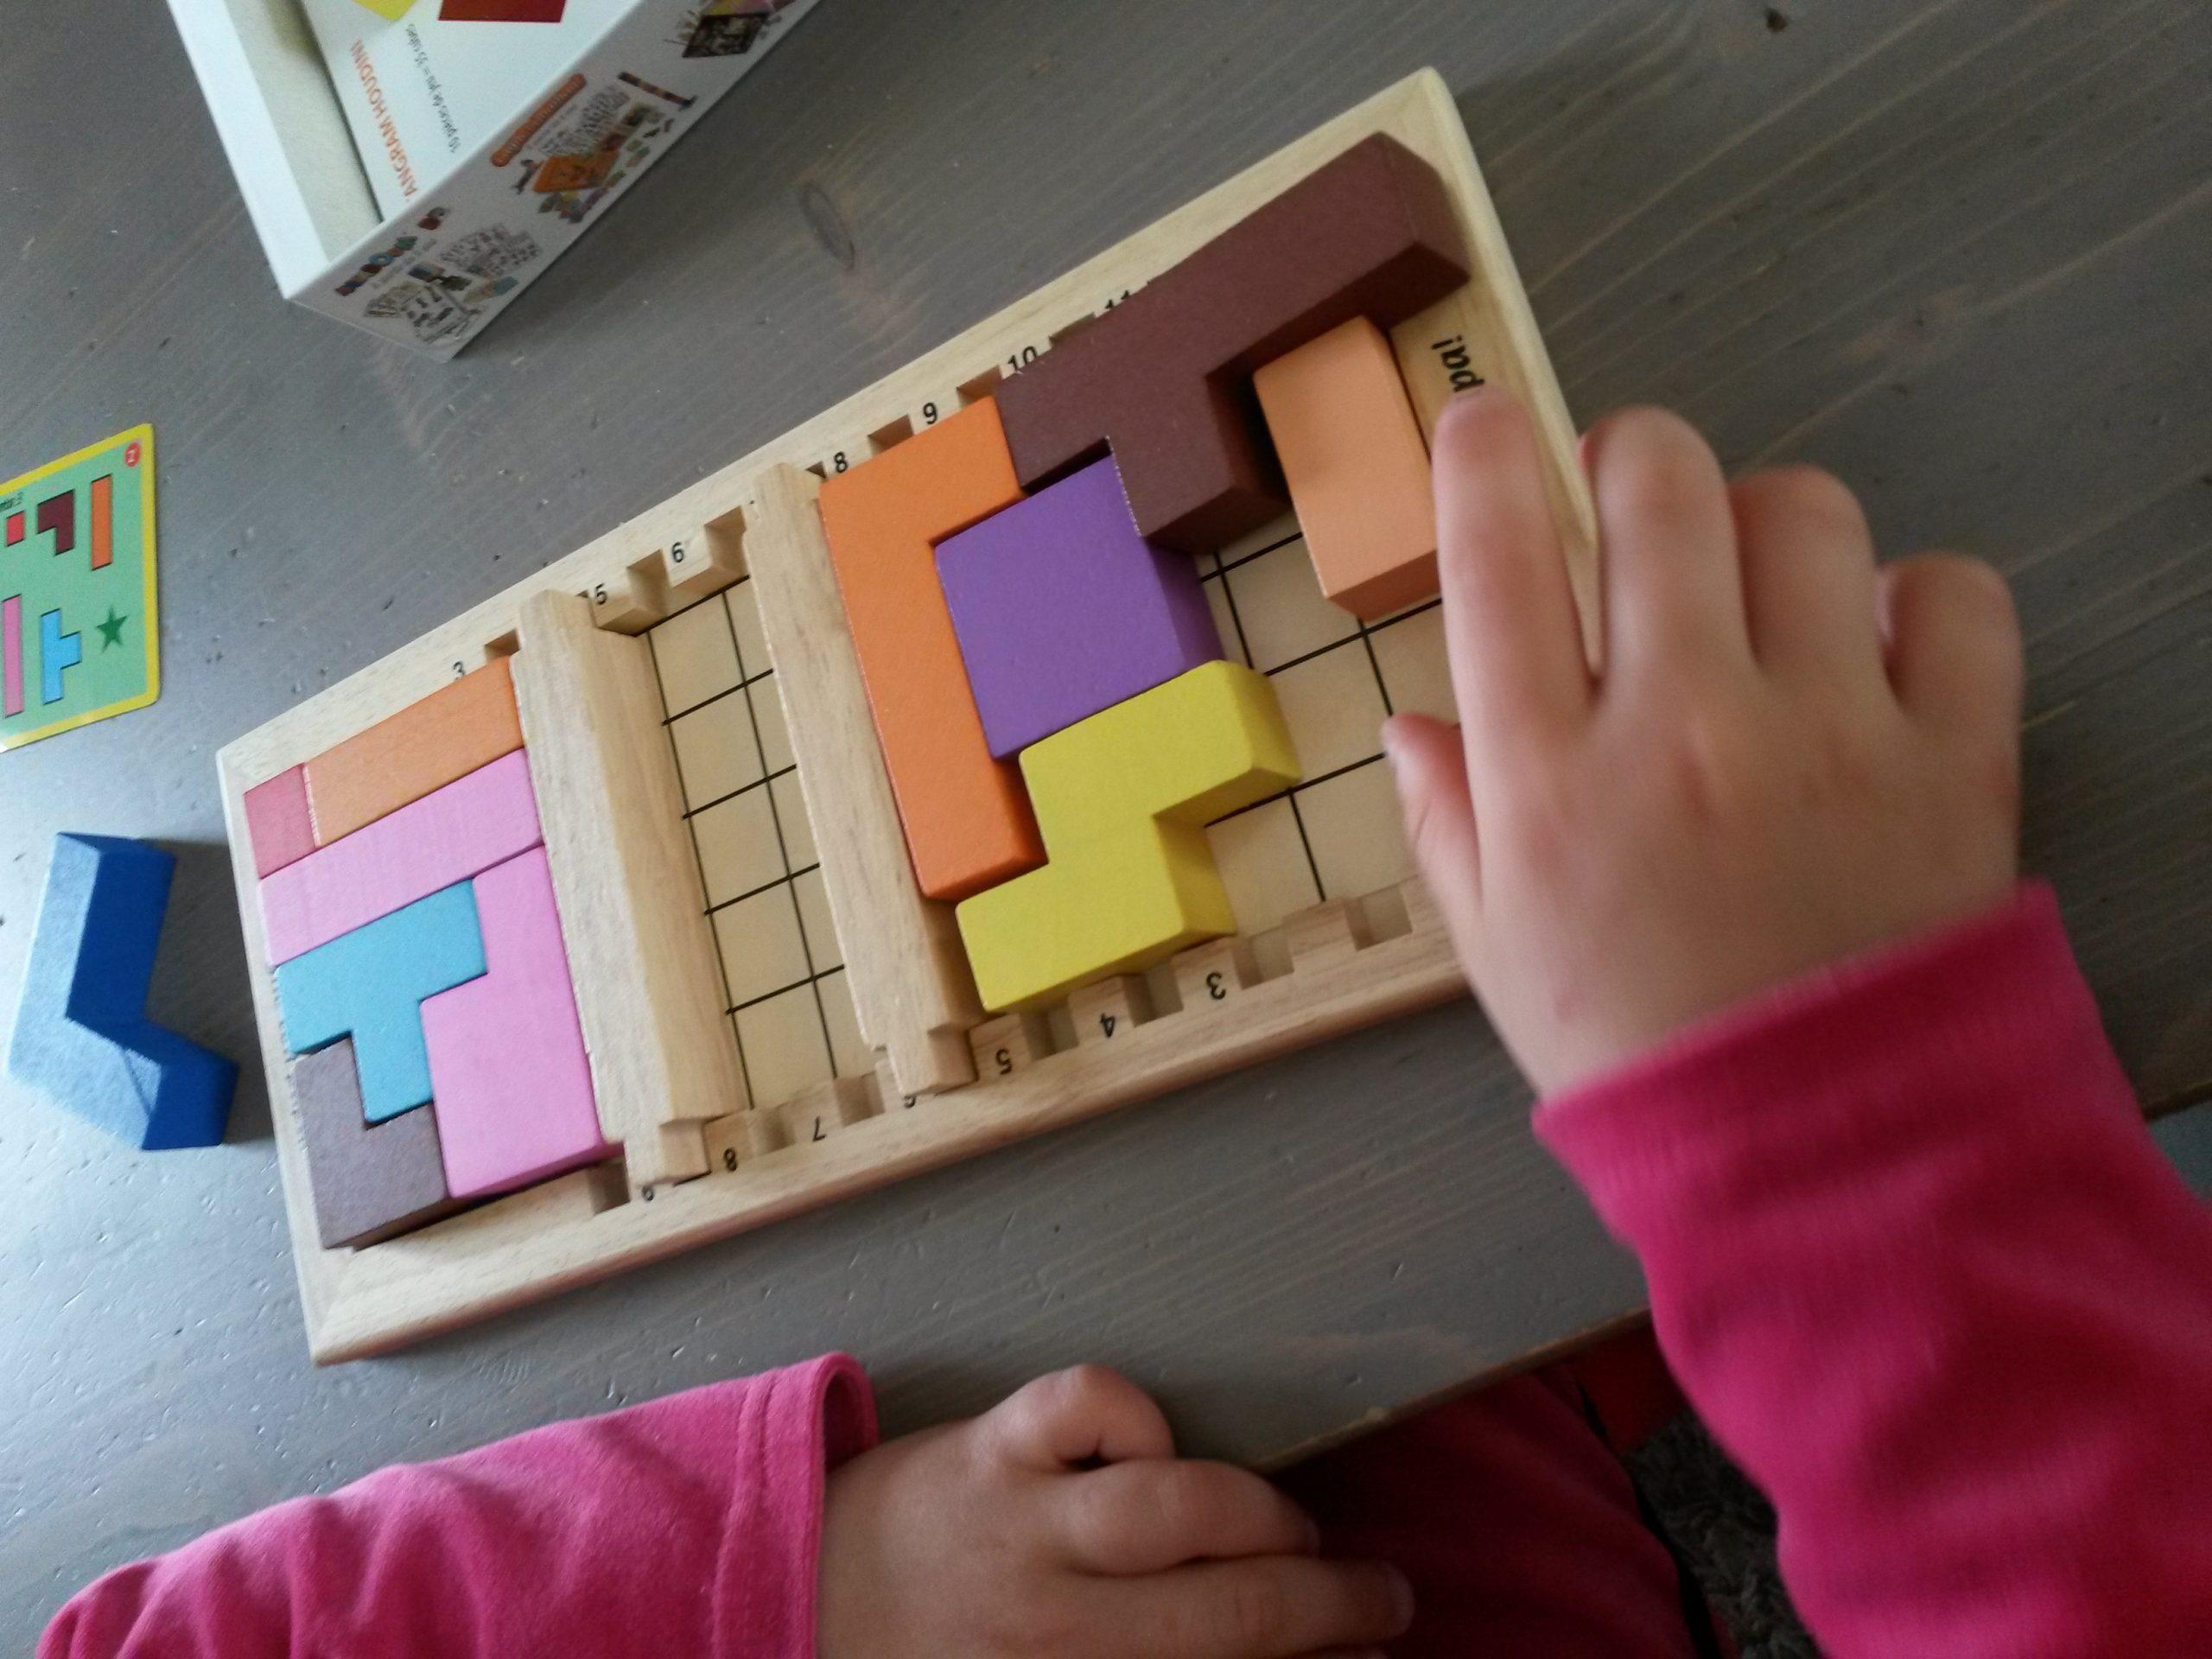 Ma Sélection De 5 Jeux De Logique Pour Les Enfants concernant Jeux Pour Bebe De 3 Ans Gratuit